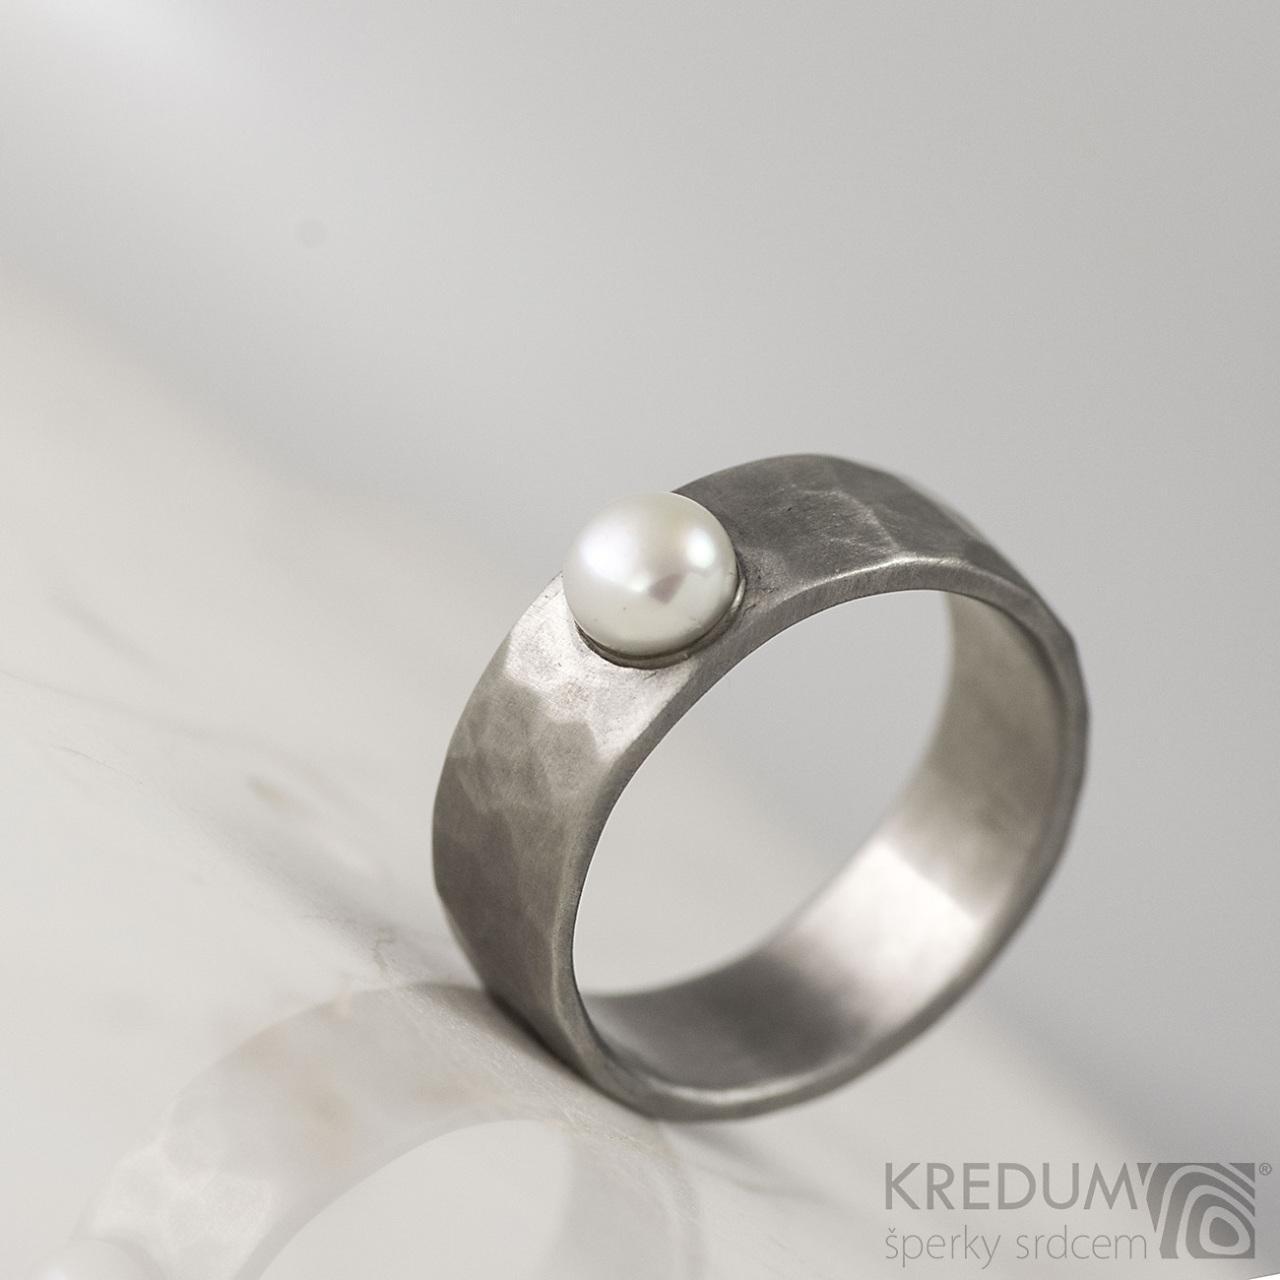 Oceľový prsteň Draill s perlou, veľ. 47